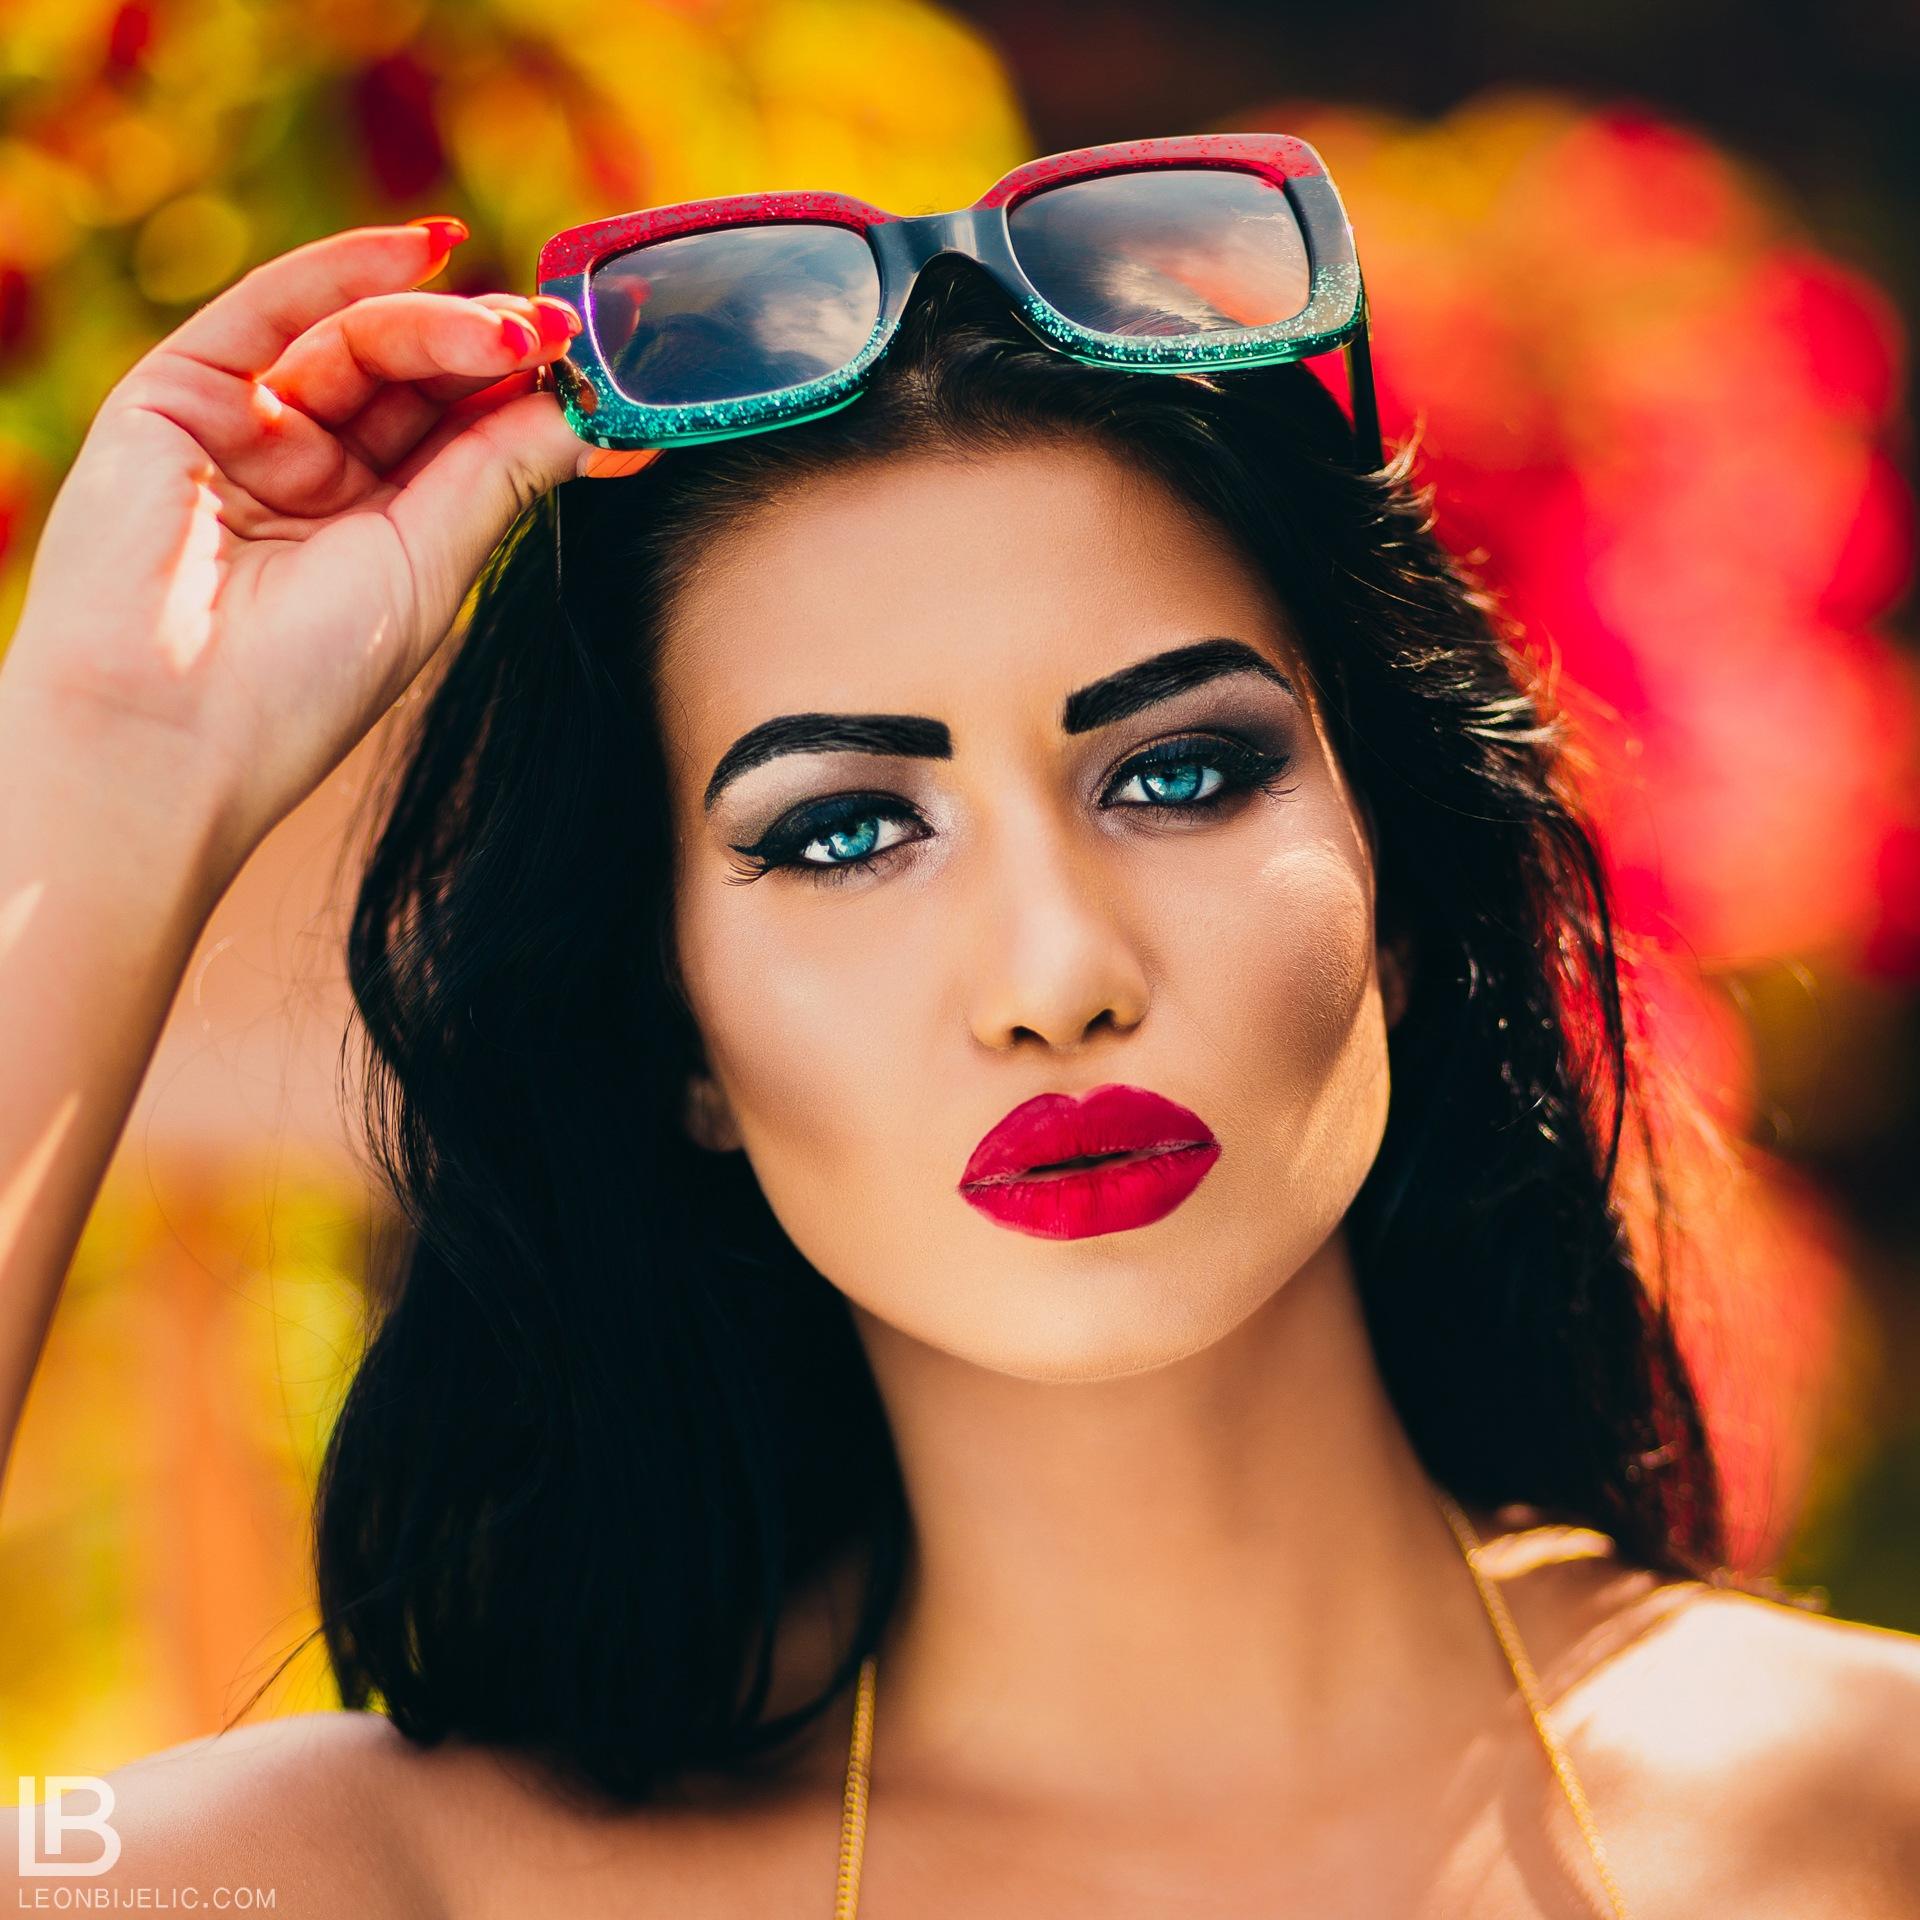 Eye contact by Leon Bijelic